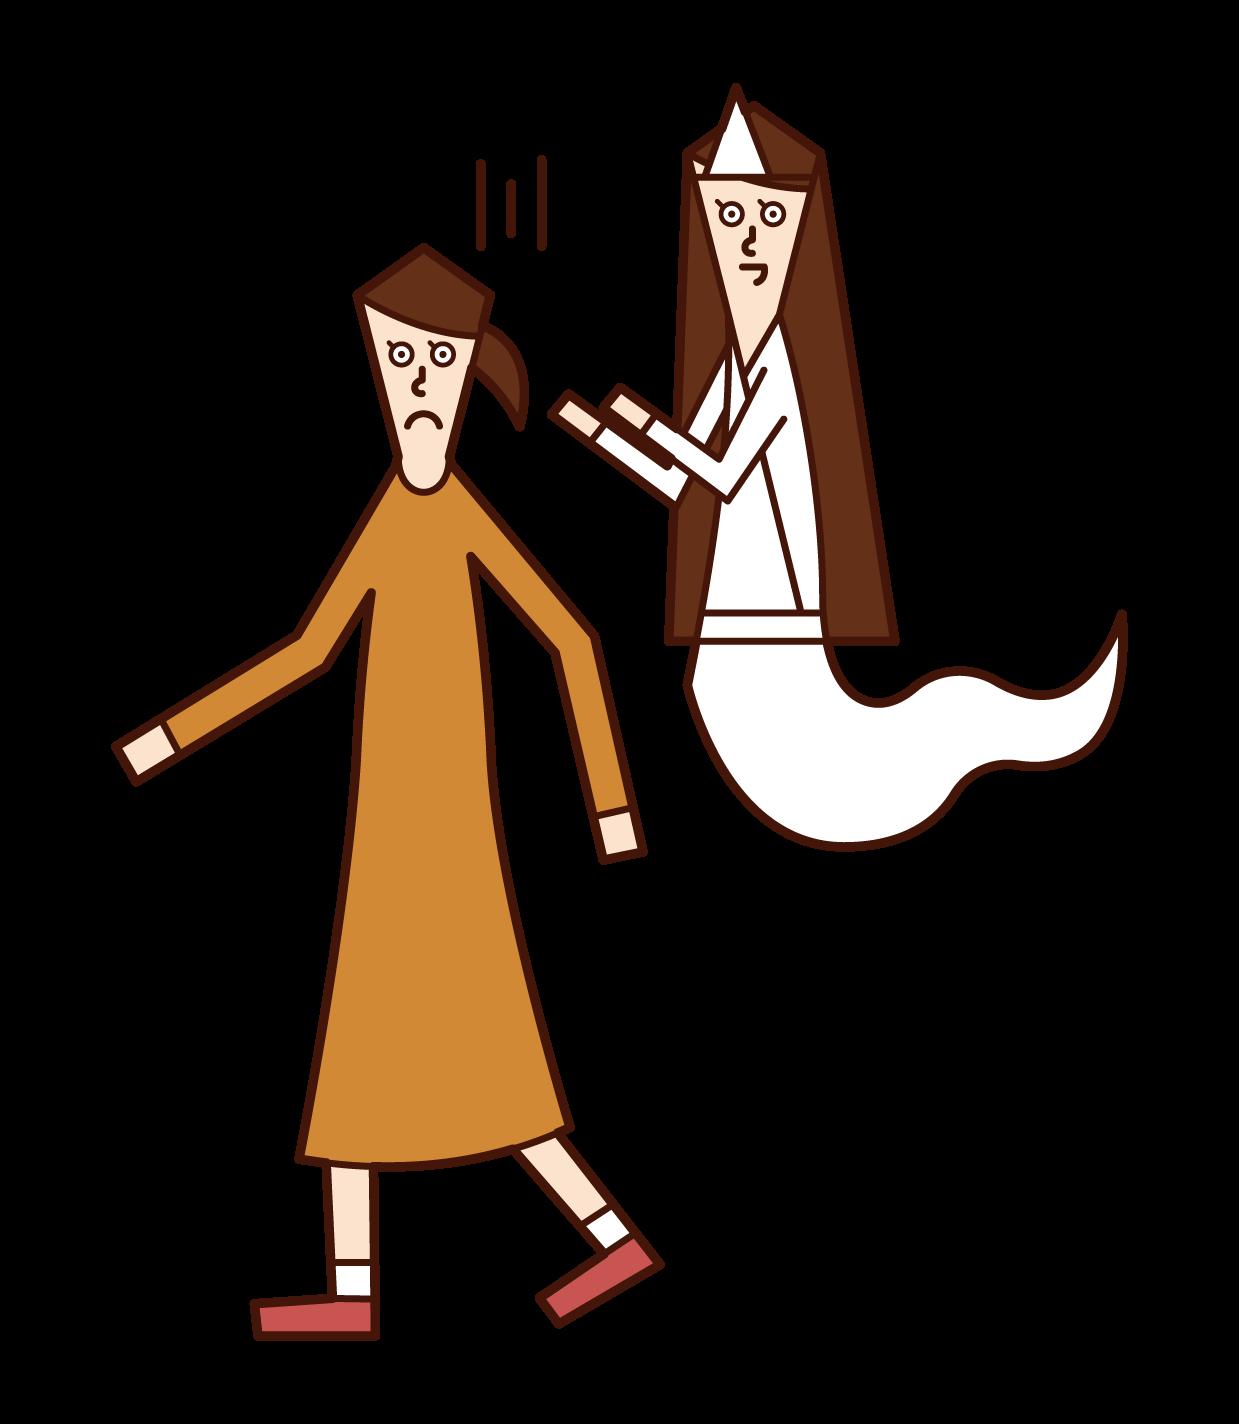 幽霊に取り憑かれている人(女性)のイラスト